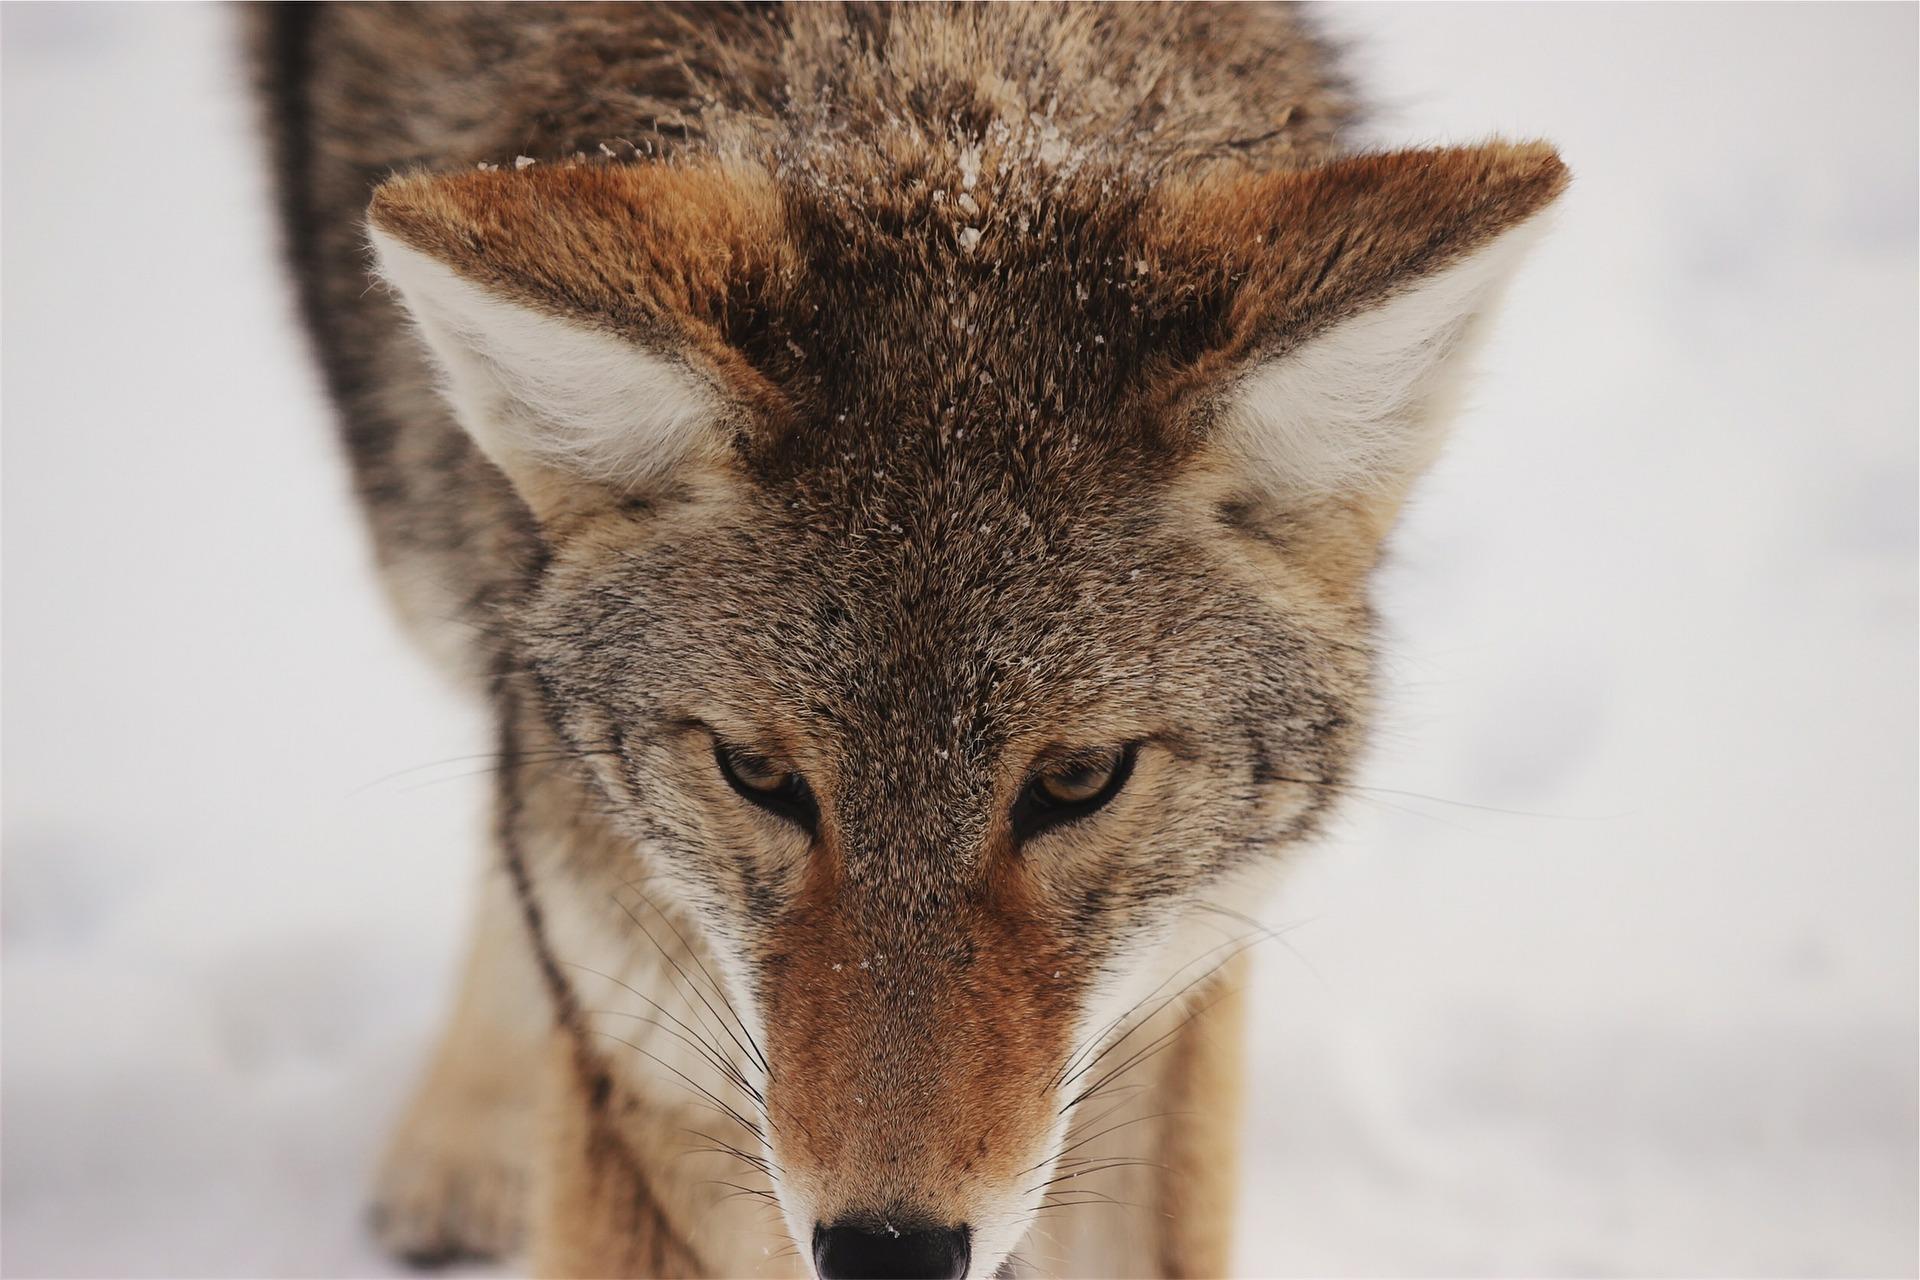 coyote-593160_1920